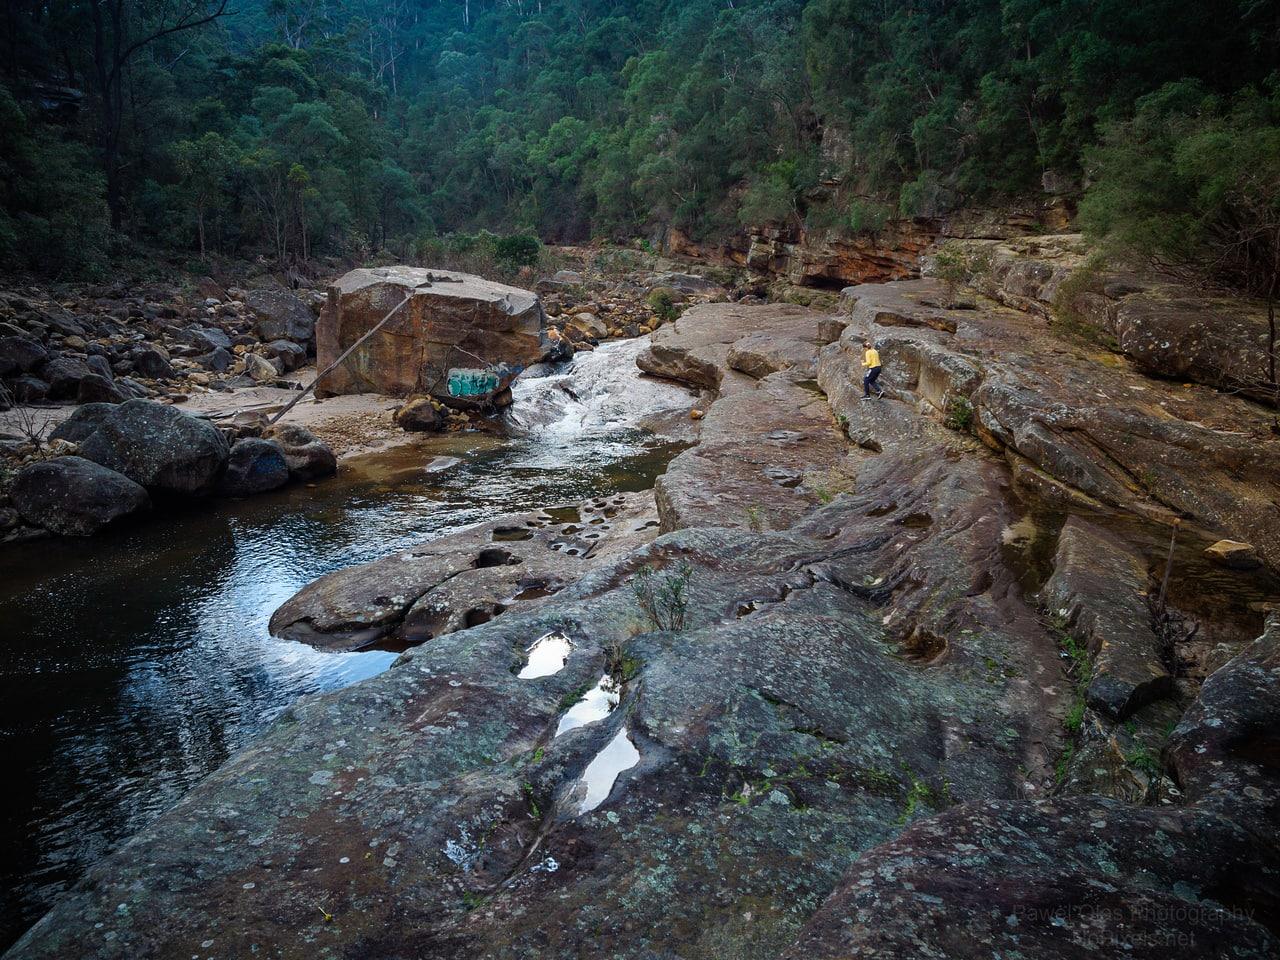 lapstone to glenbrook gorge